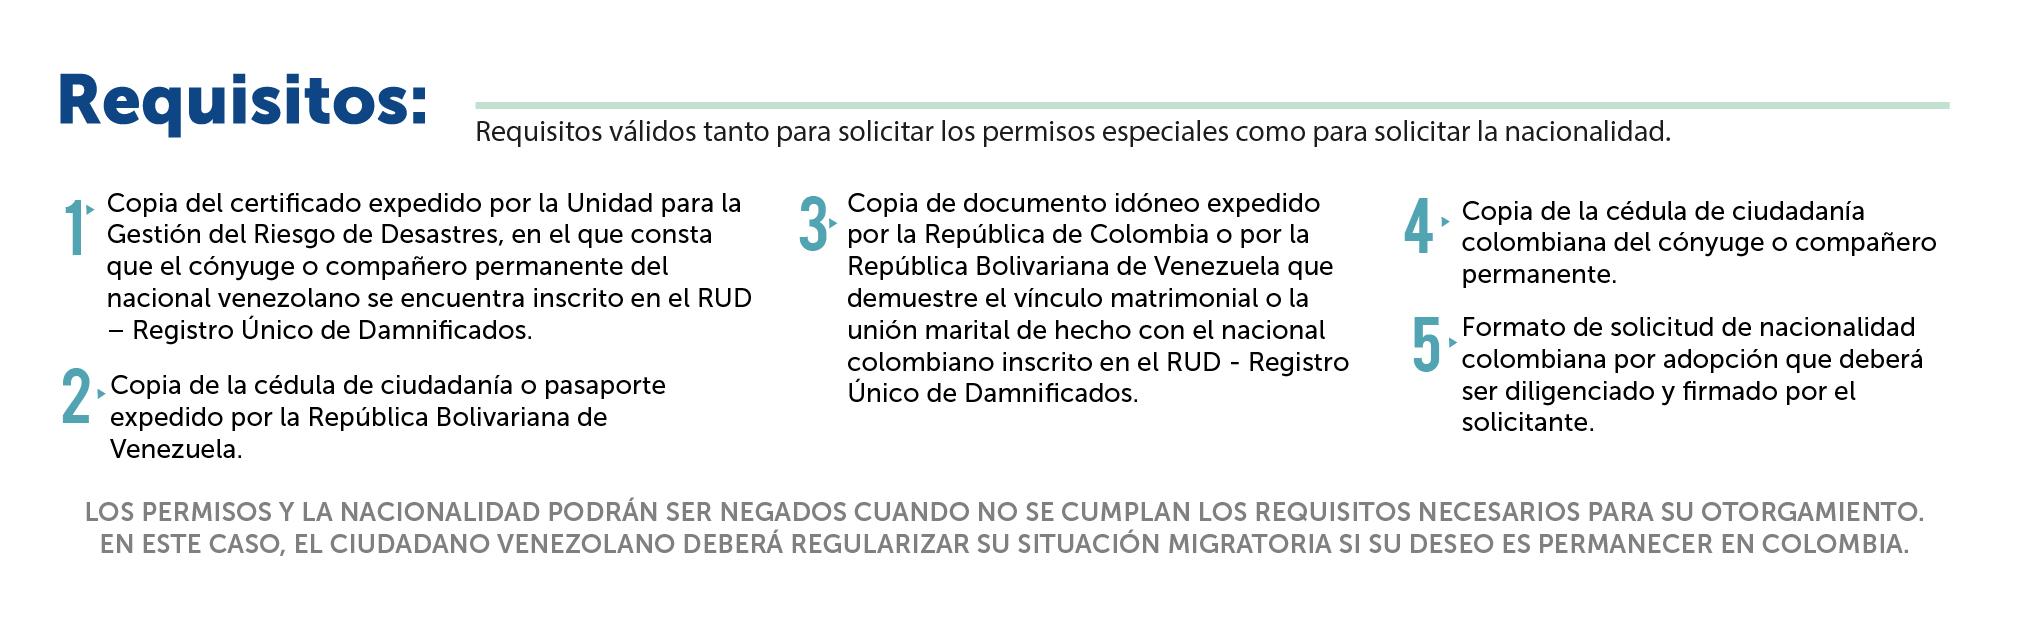 Requisitos para adoptar procedimientos y requisitos para obtener la nacionalidad - Requisitos para casarse ...